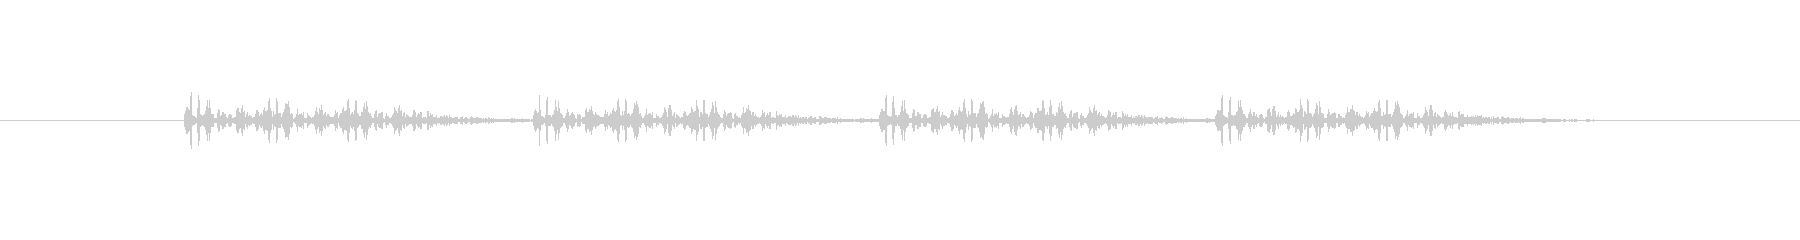 連射系の銃声(三点バースト)の未再生の波形